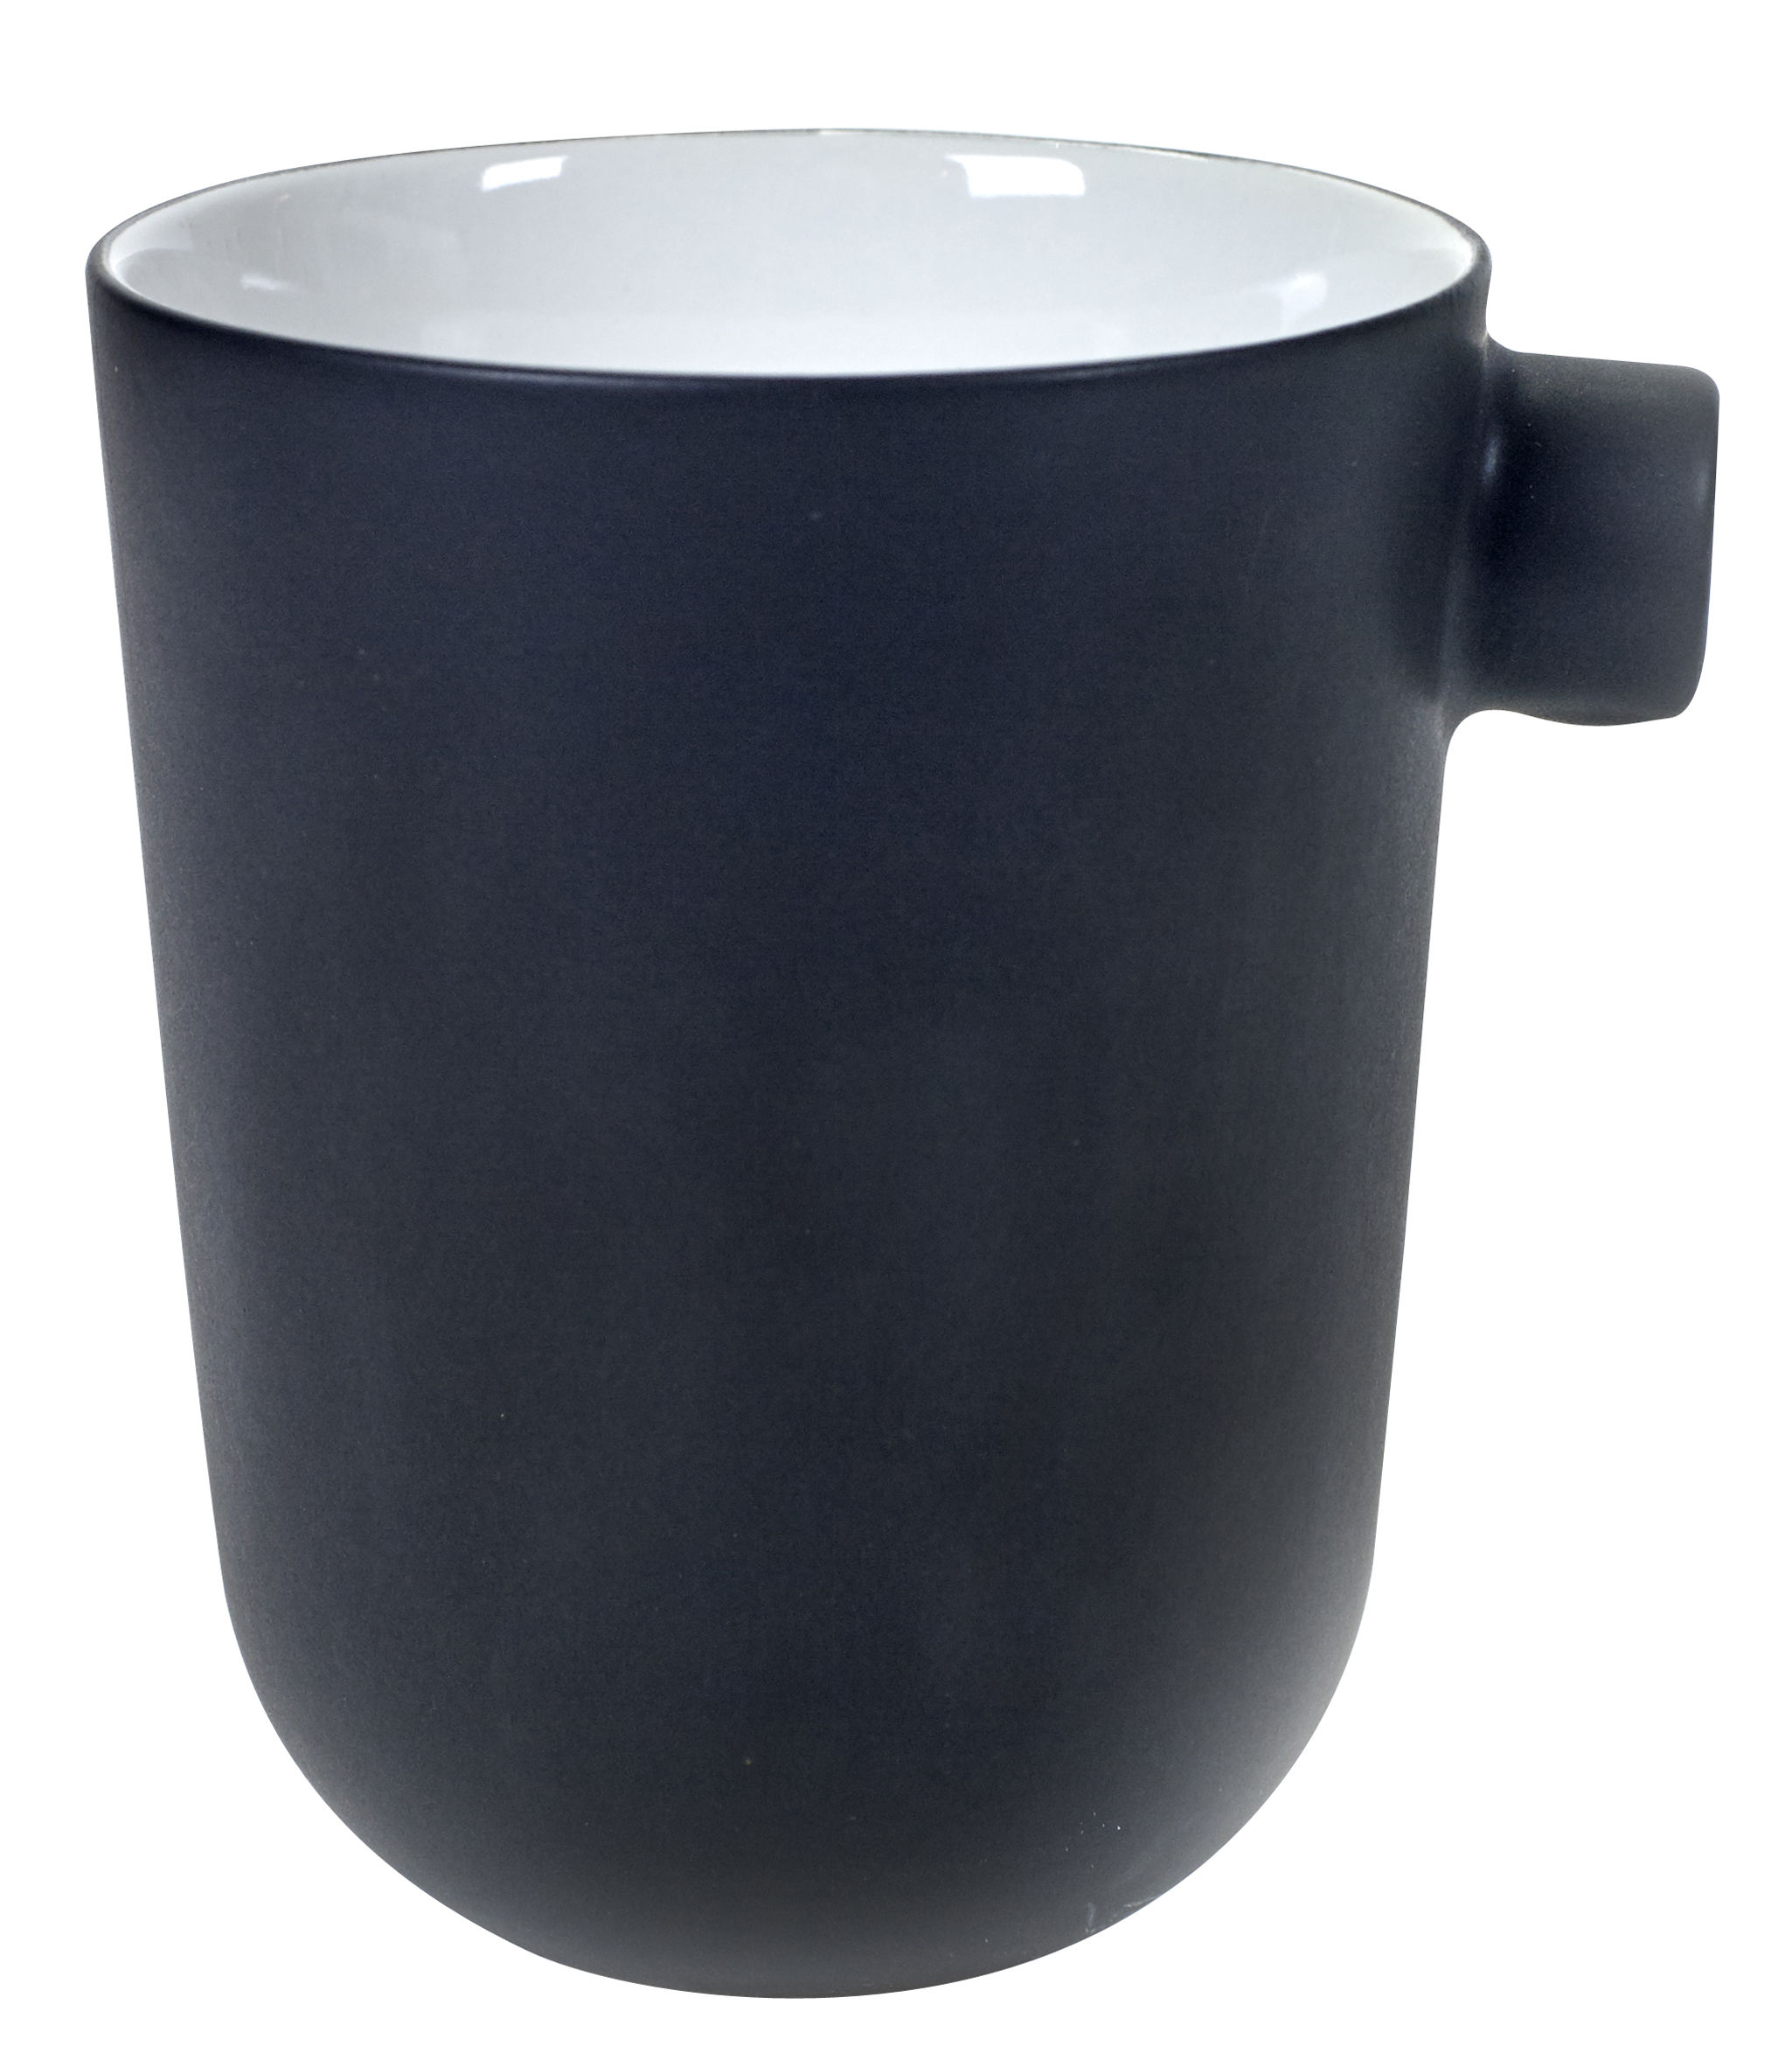 Tableware - Coffee Mugs & Tea Cups - Daily Beginnings Mug by Serax - Black - Sandstone